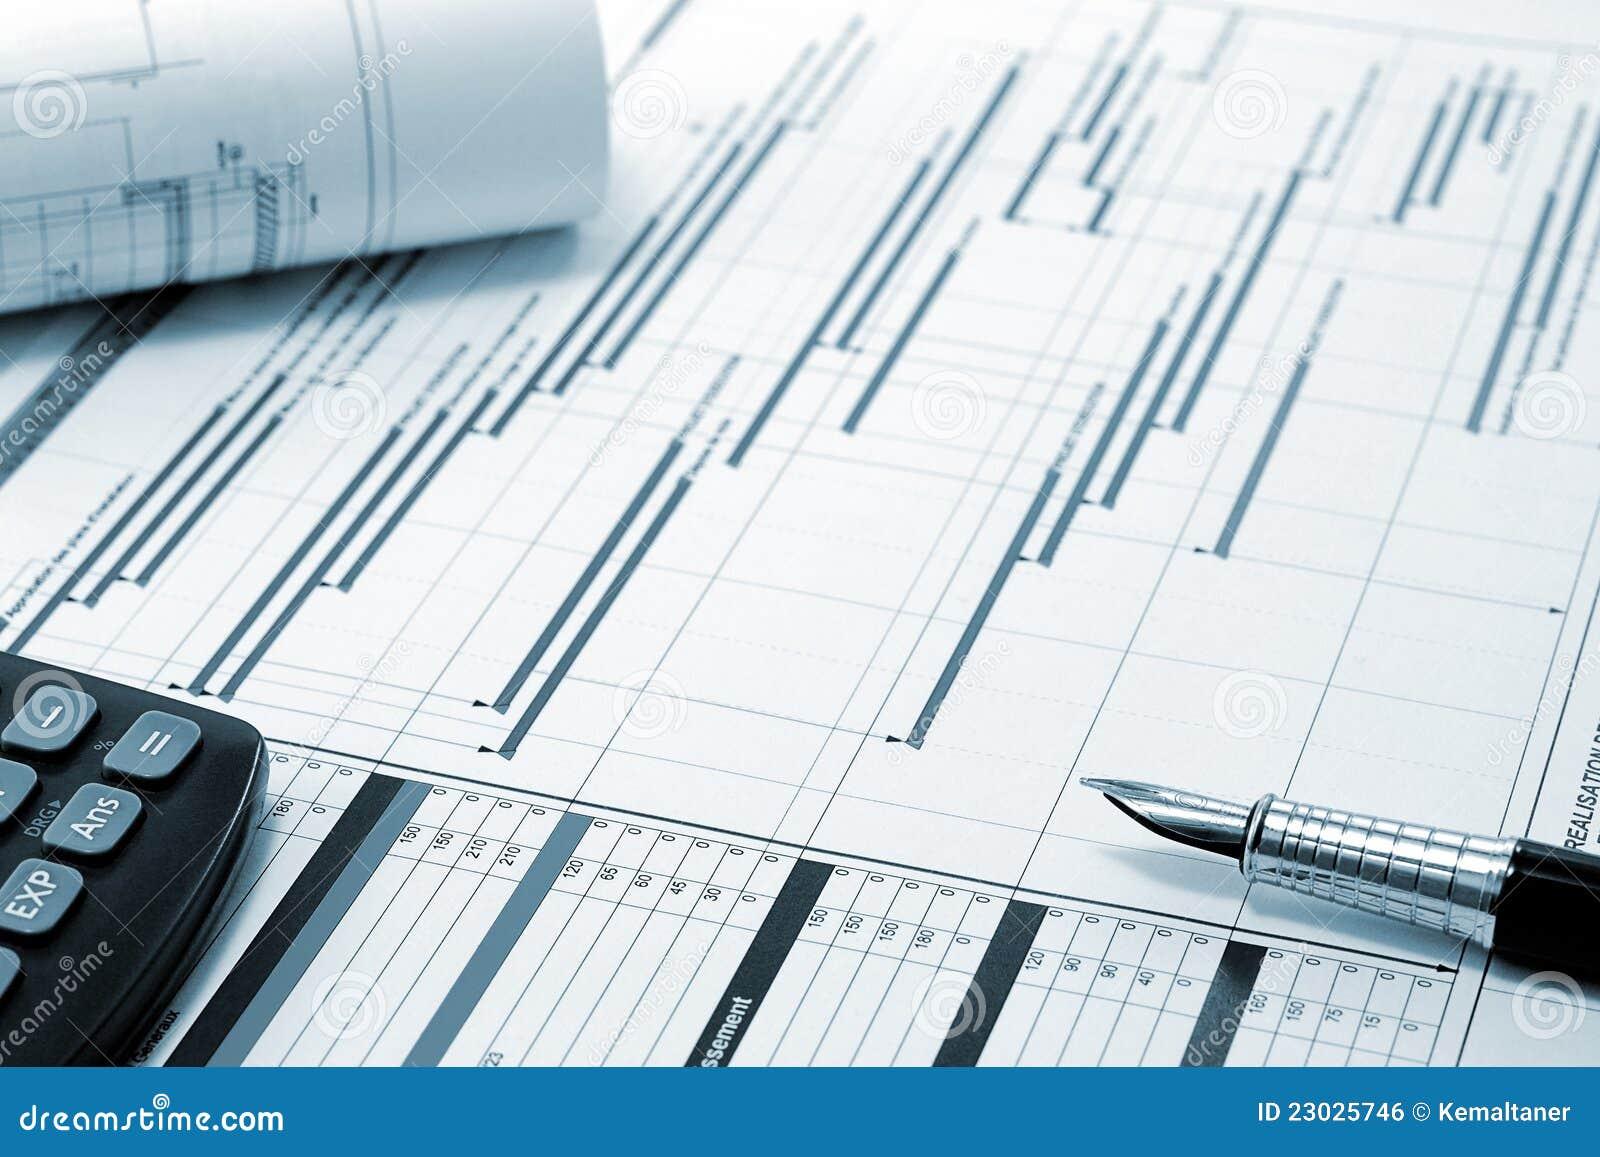 Projectleiding - het project van de Bouw planning